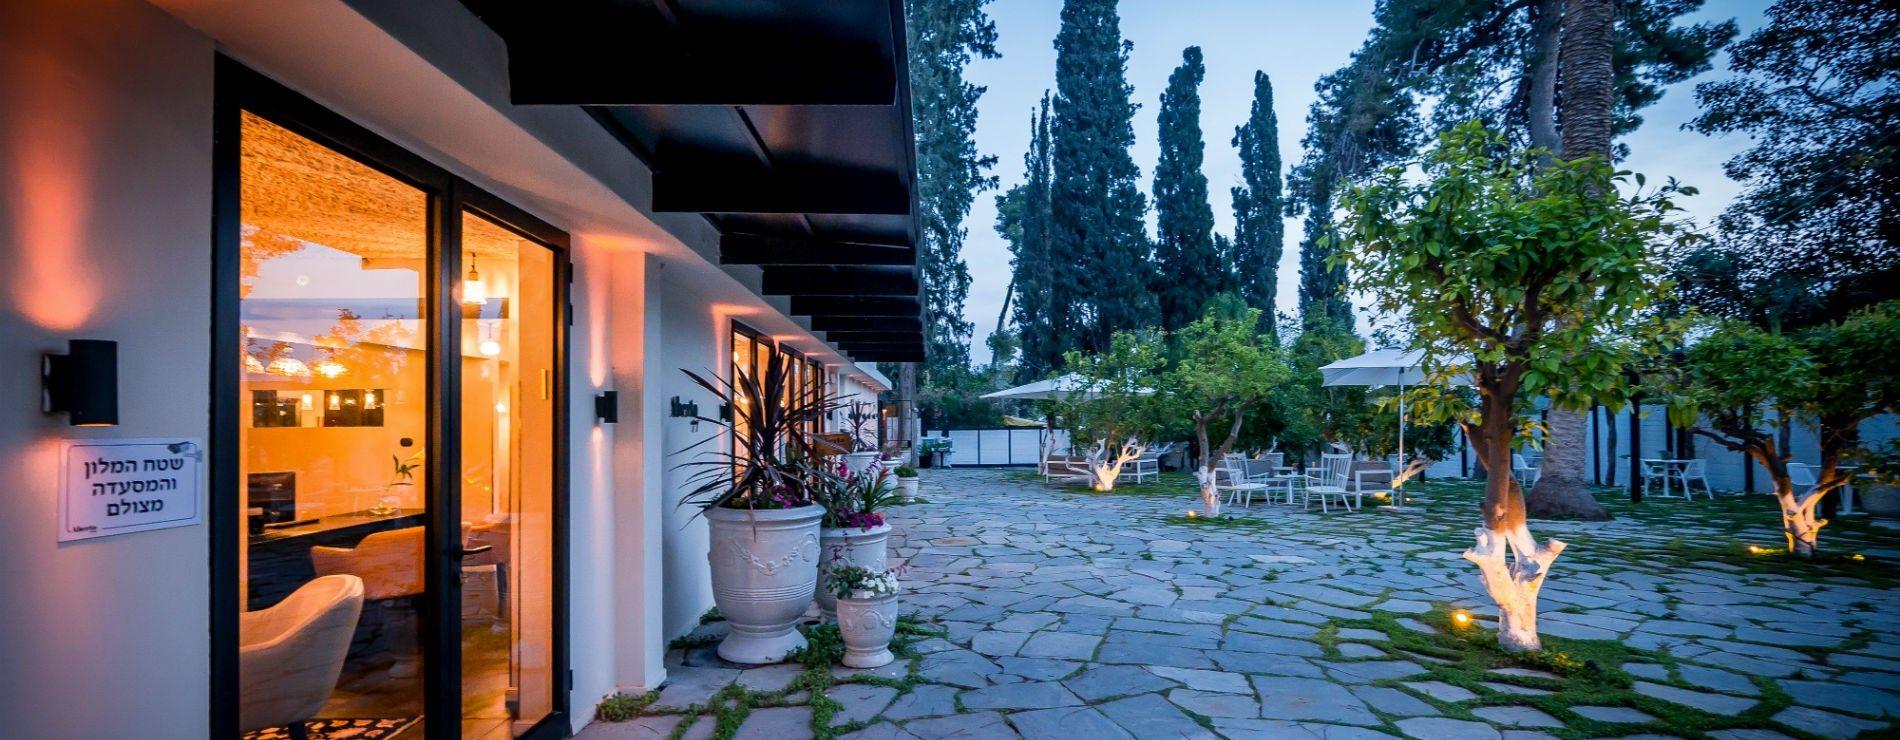 Lear Hotel